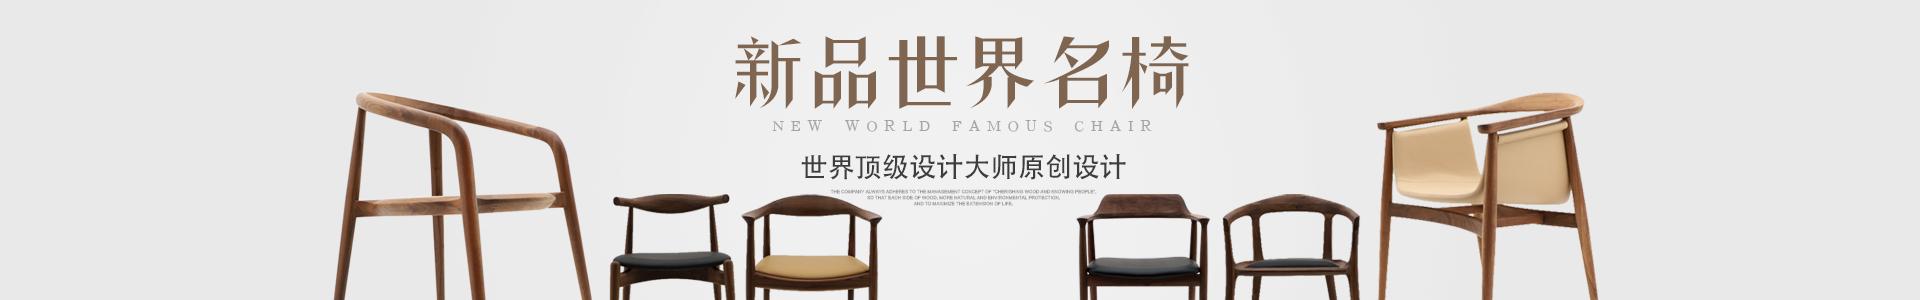 新品世界名椅